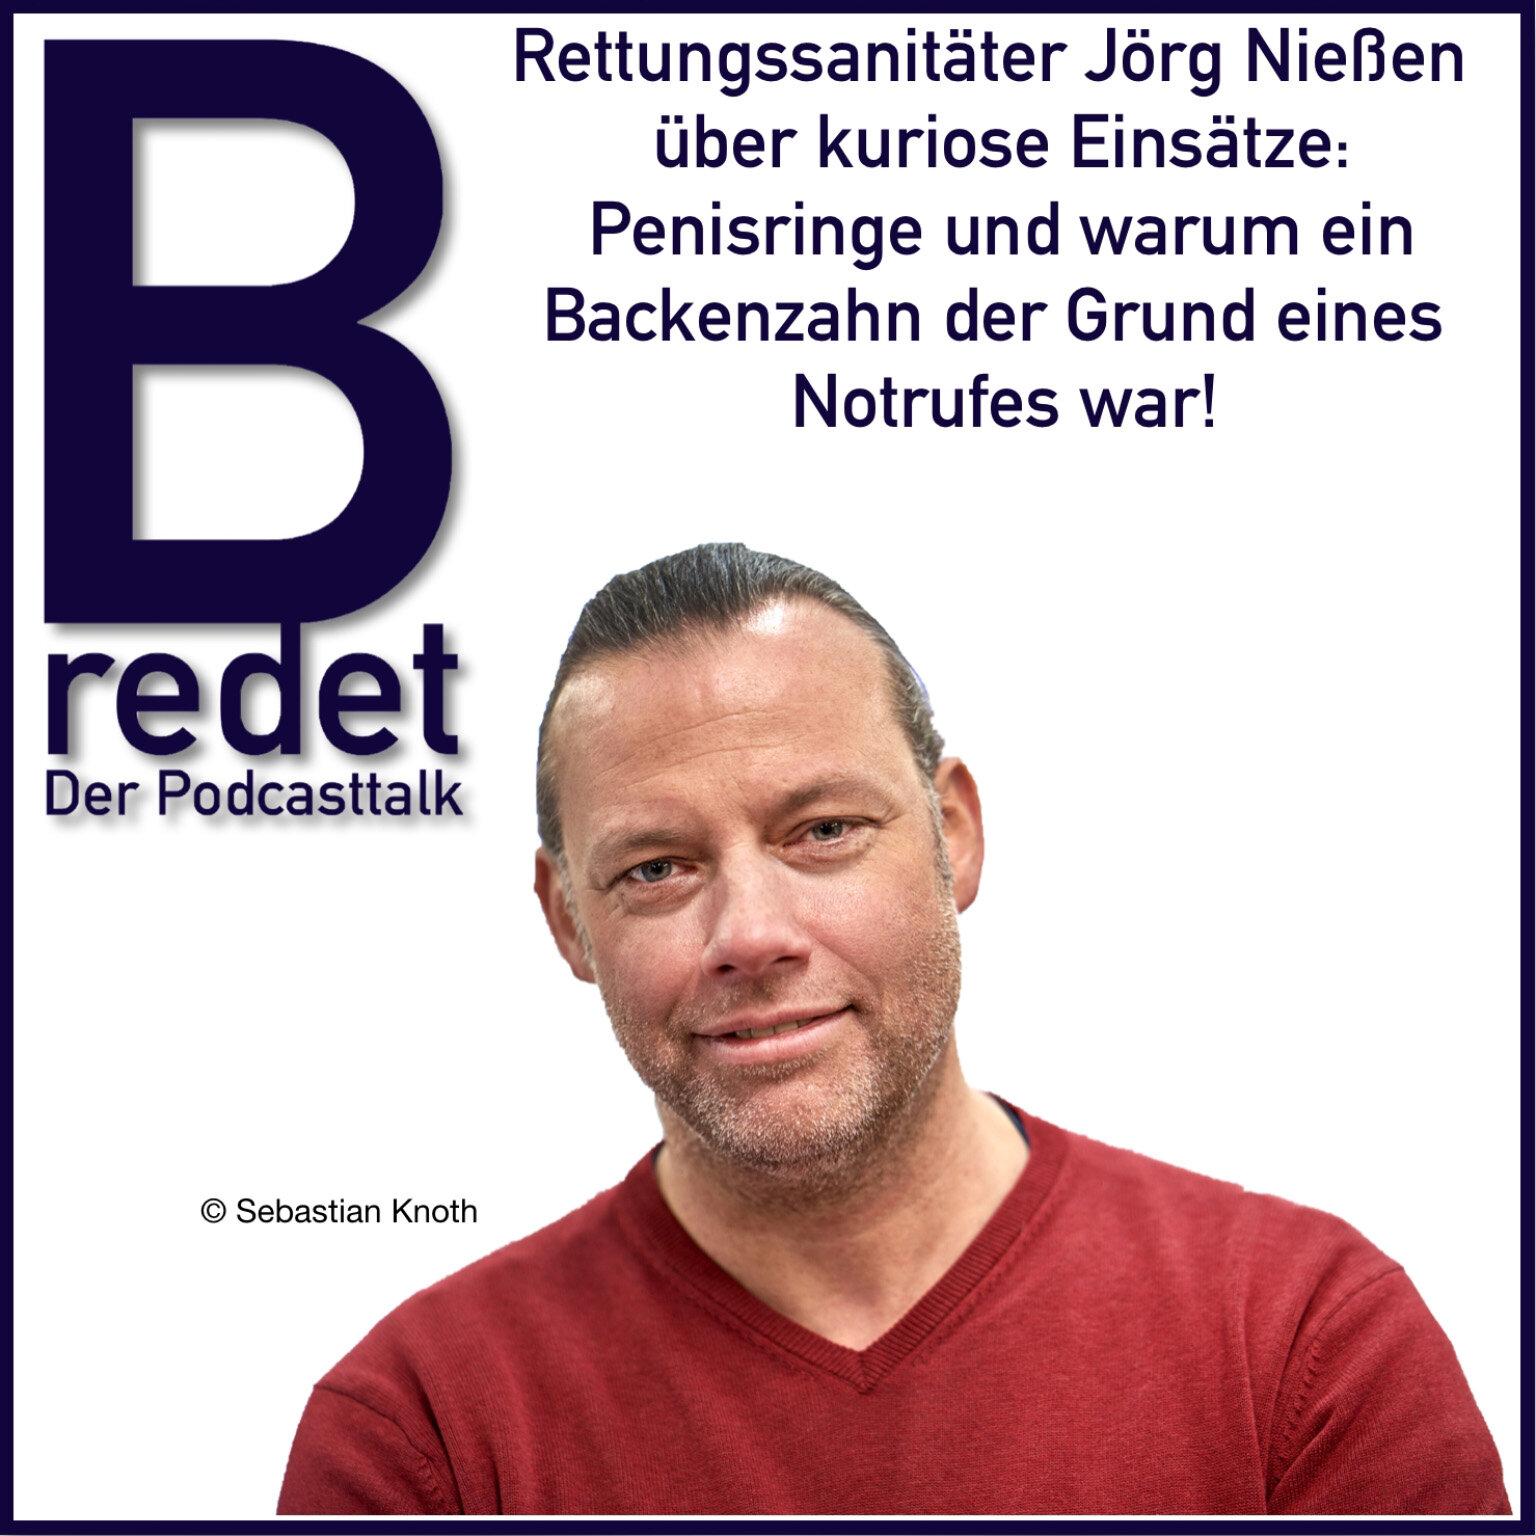 B redet - Der Podcast mit Rettungssanitäter Jörg Nießen